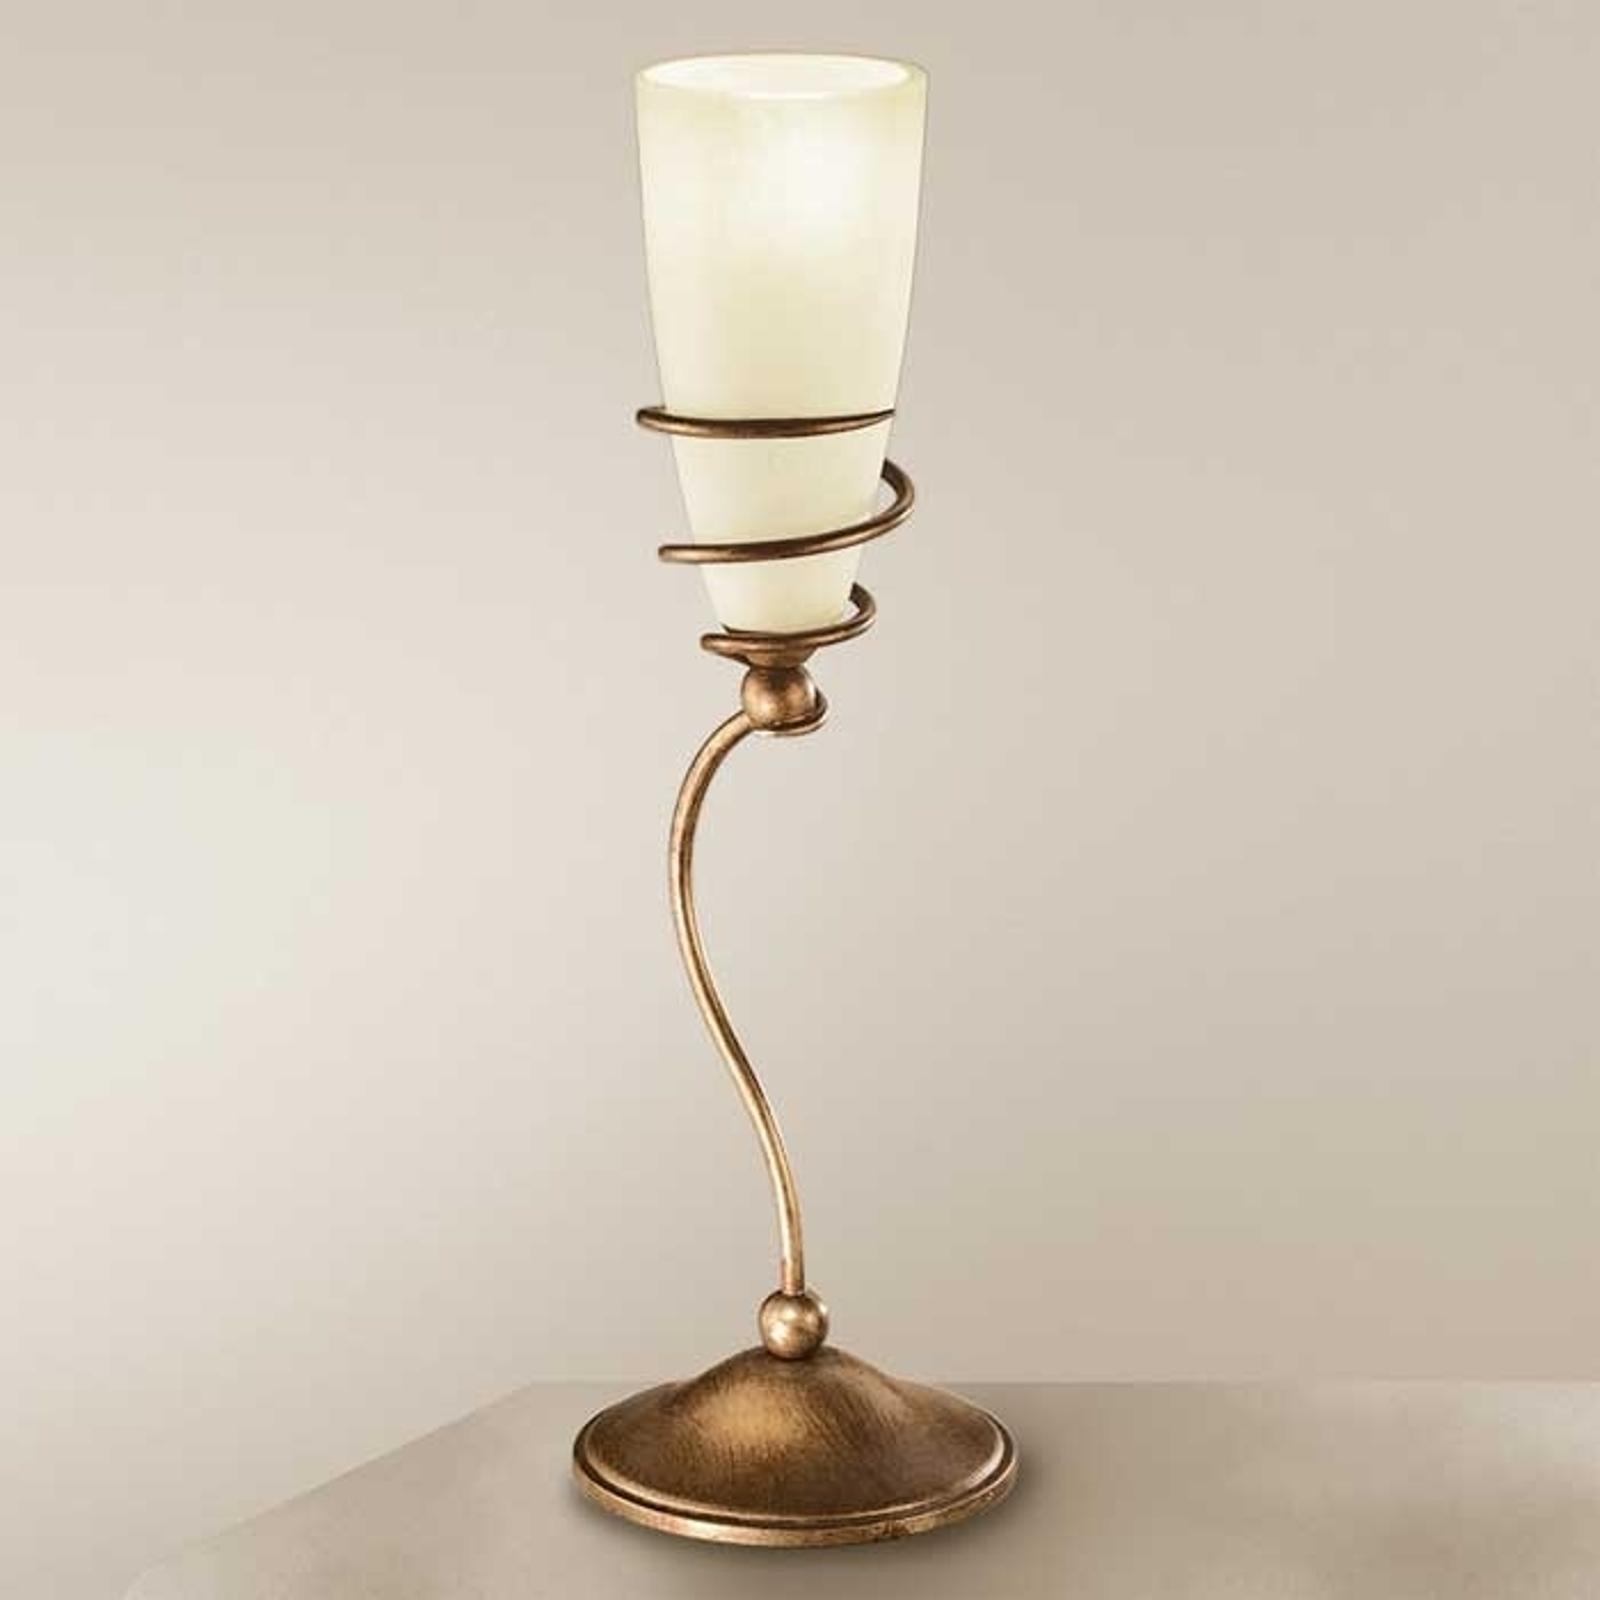 Lampe à poser Daniele laiton antique